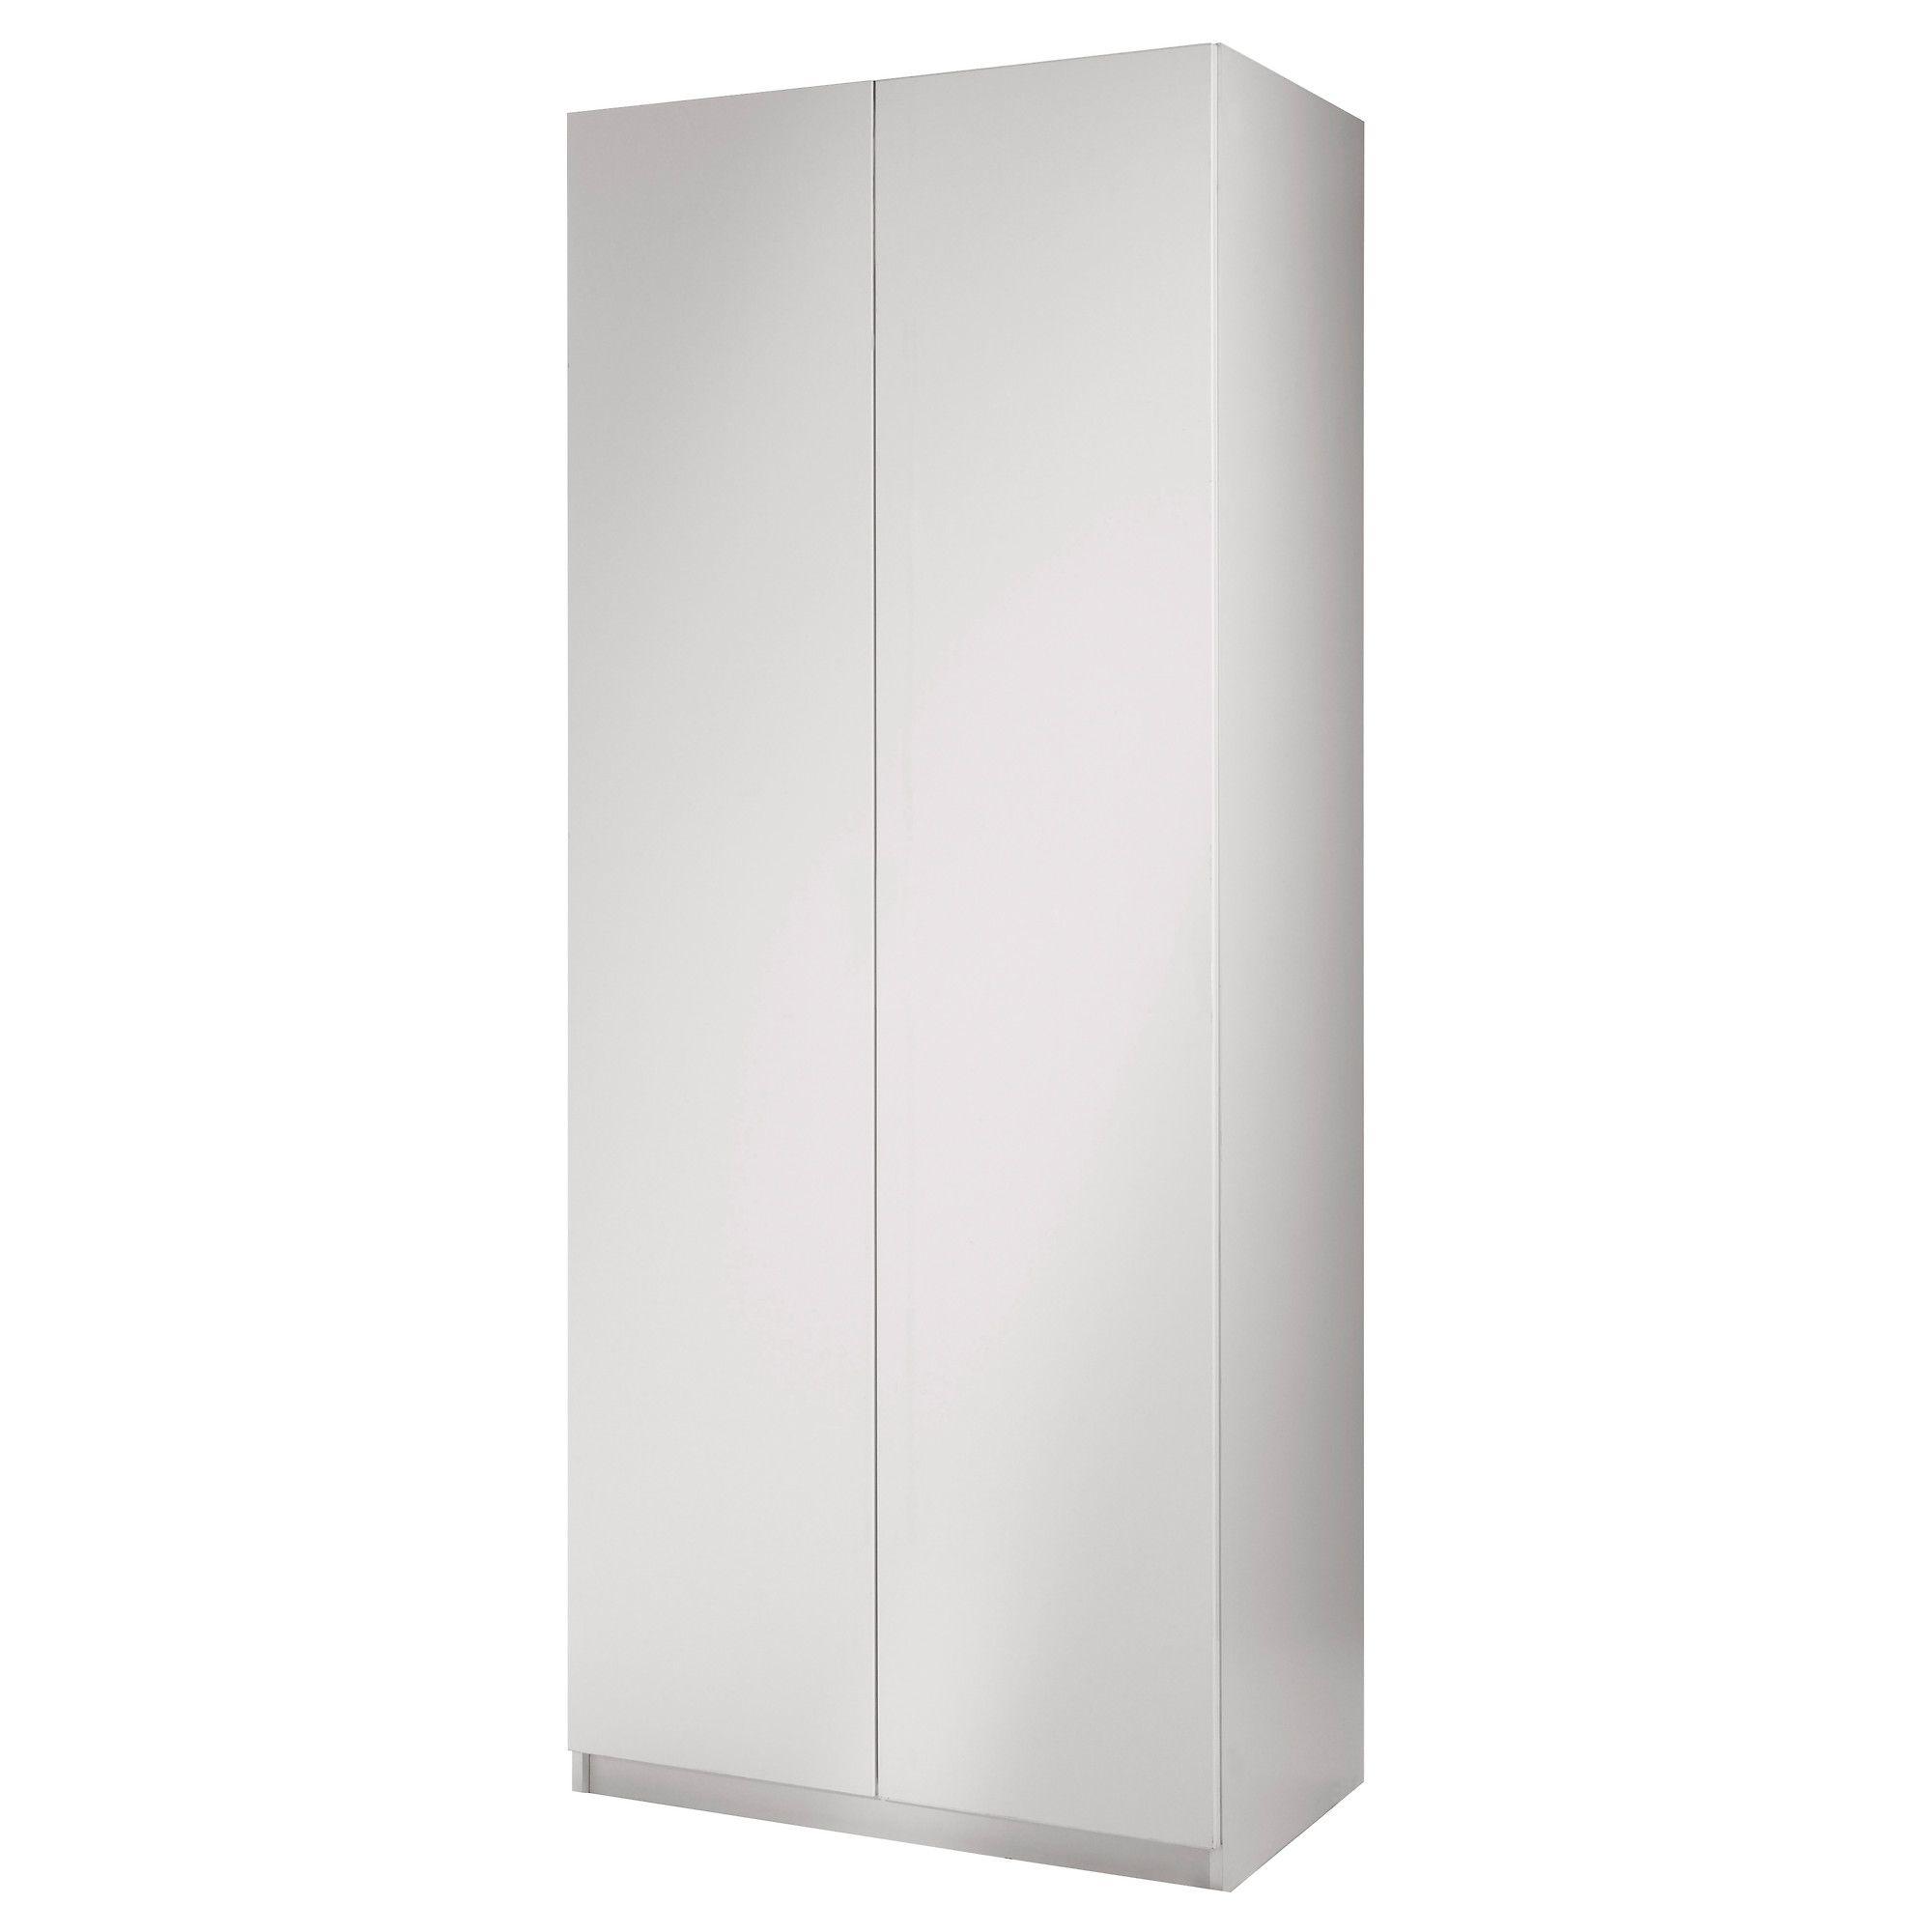 Pax wardrobe with 2 doors ballstad white white 39 1 4x23 1 2x79 1 4 ikea our wishlist - Armoire ikea pax ...